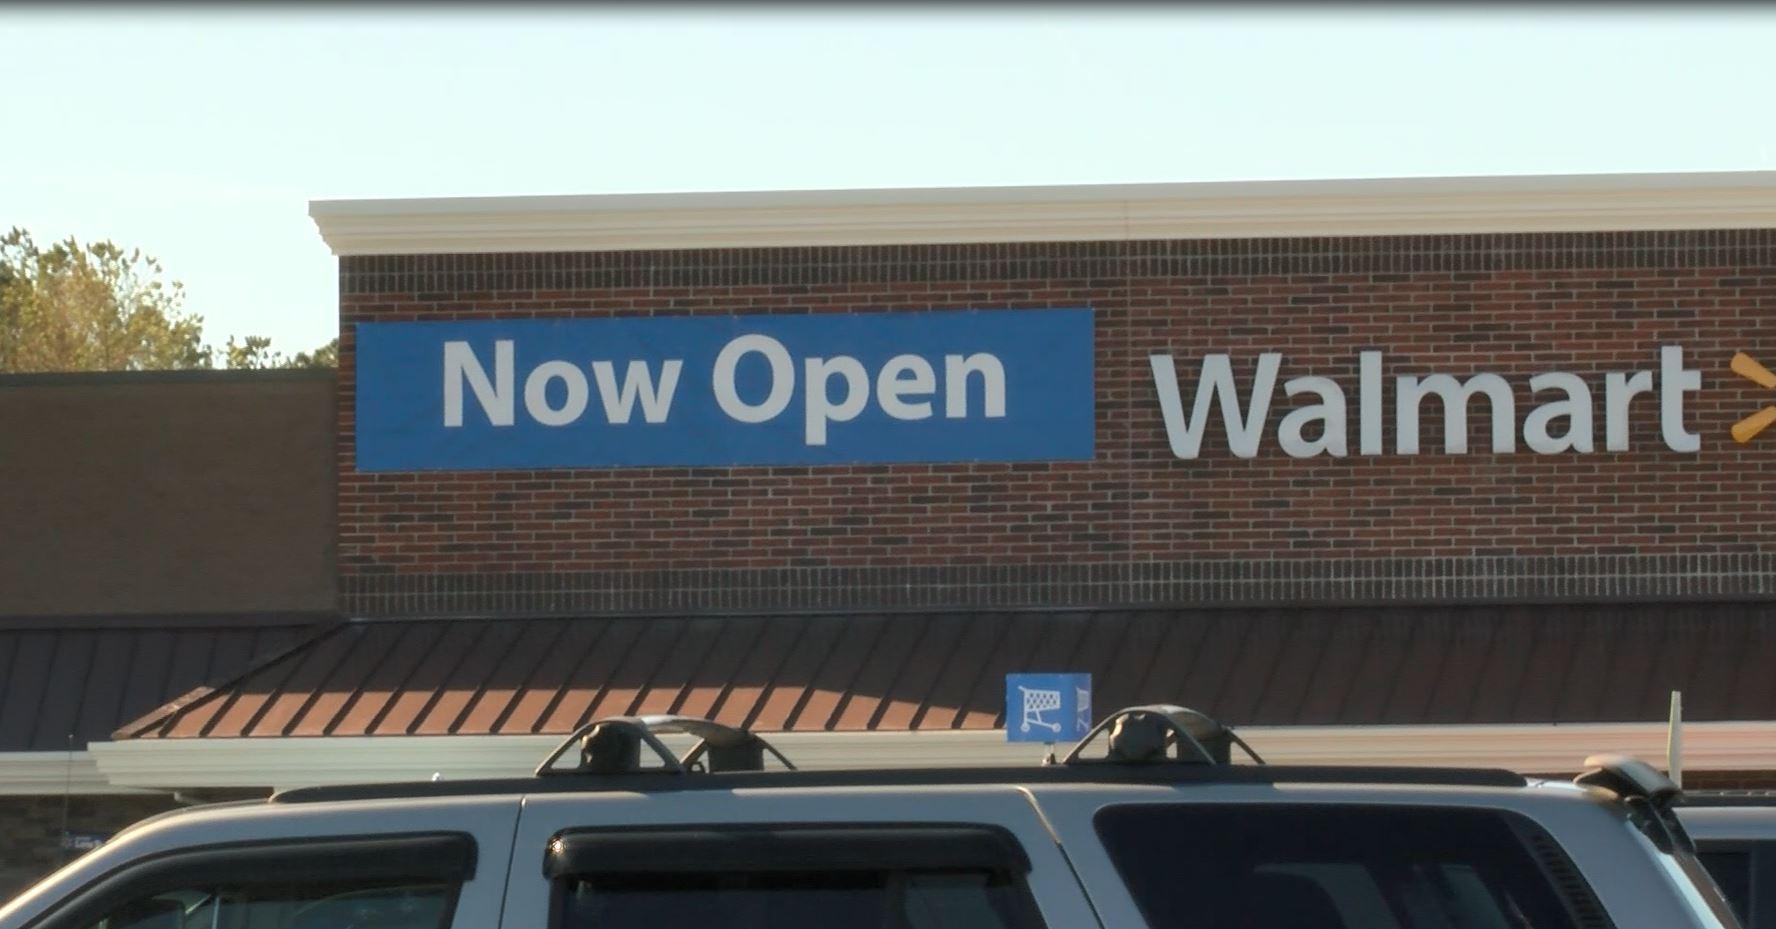 walmart now open_551443